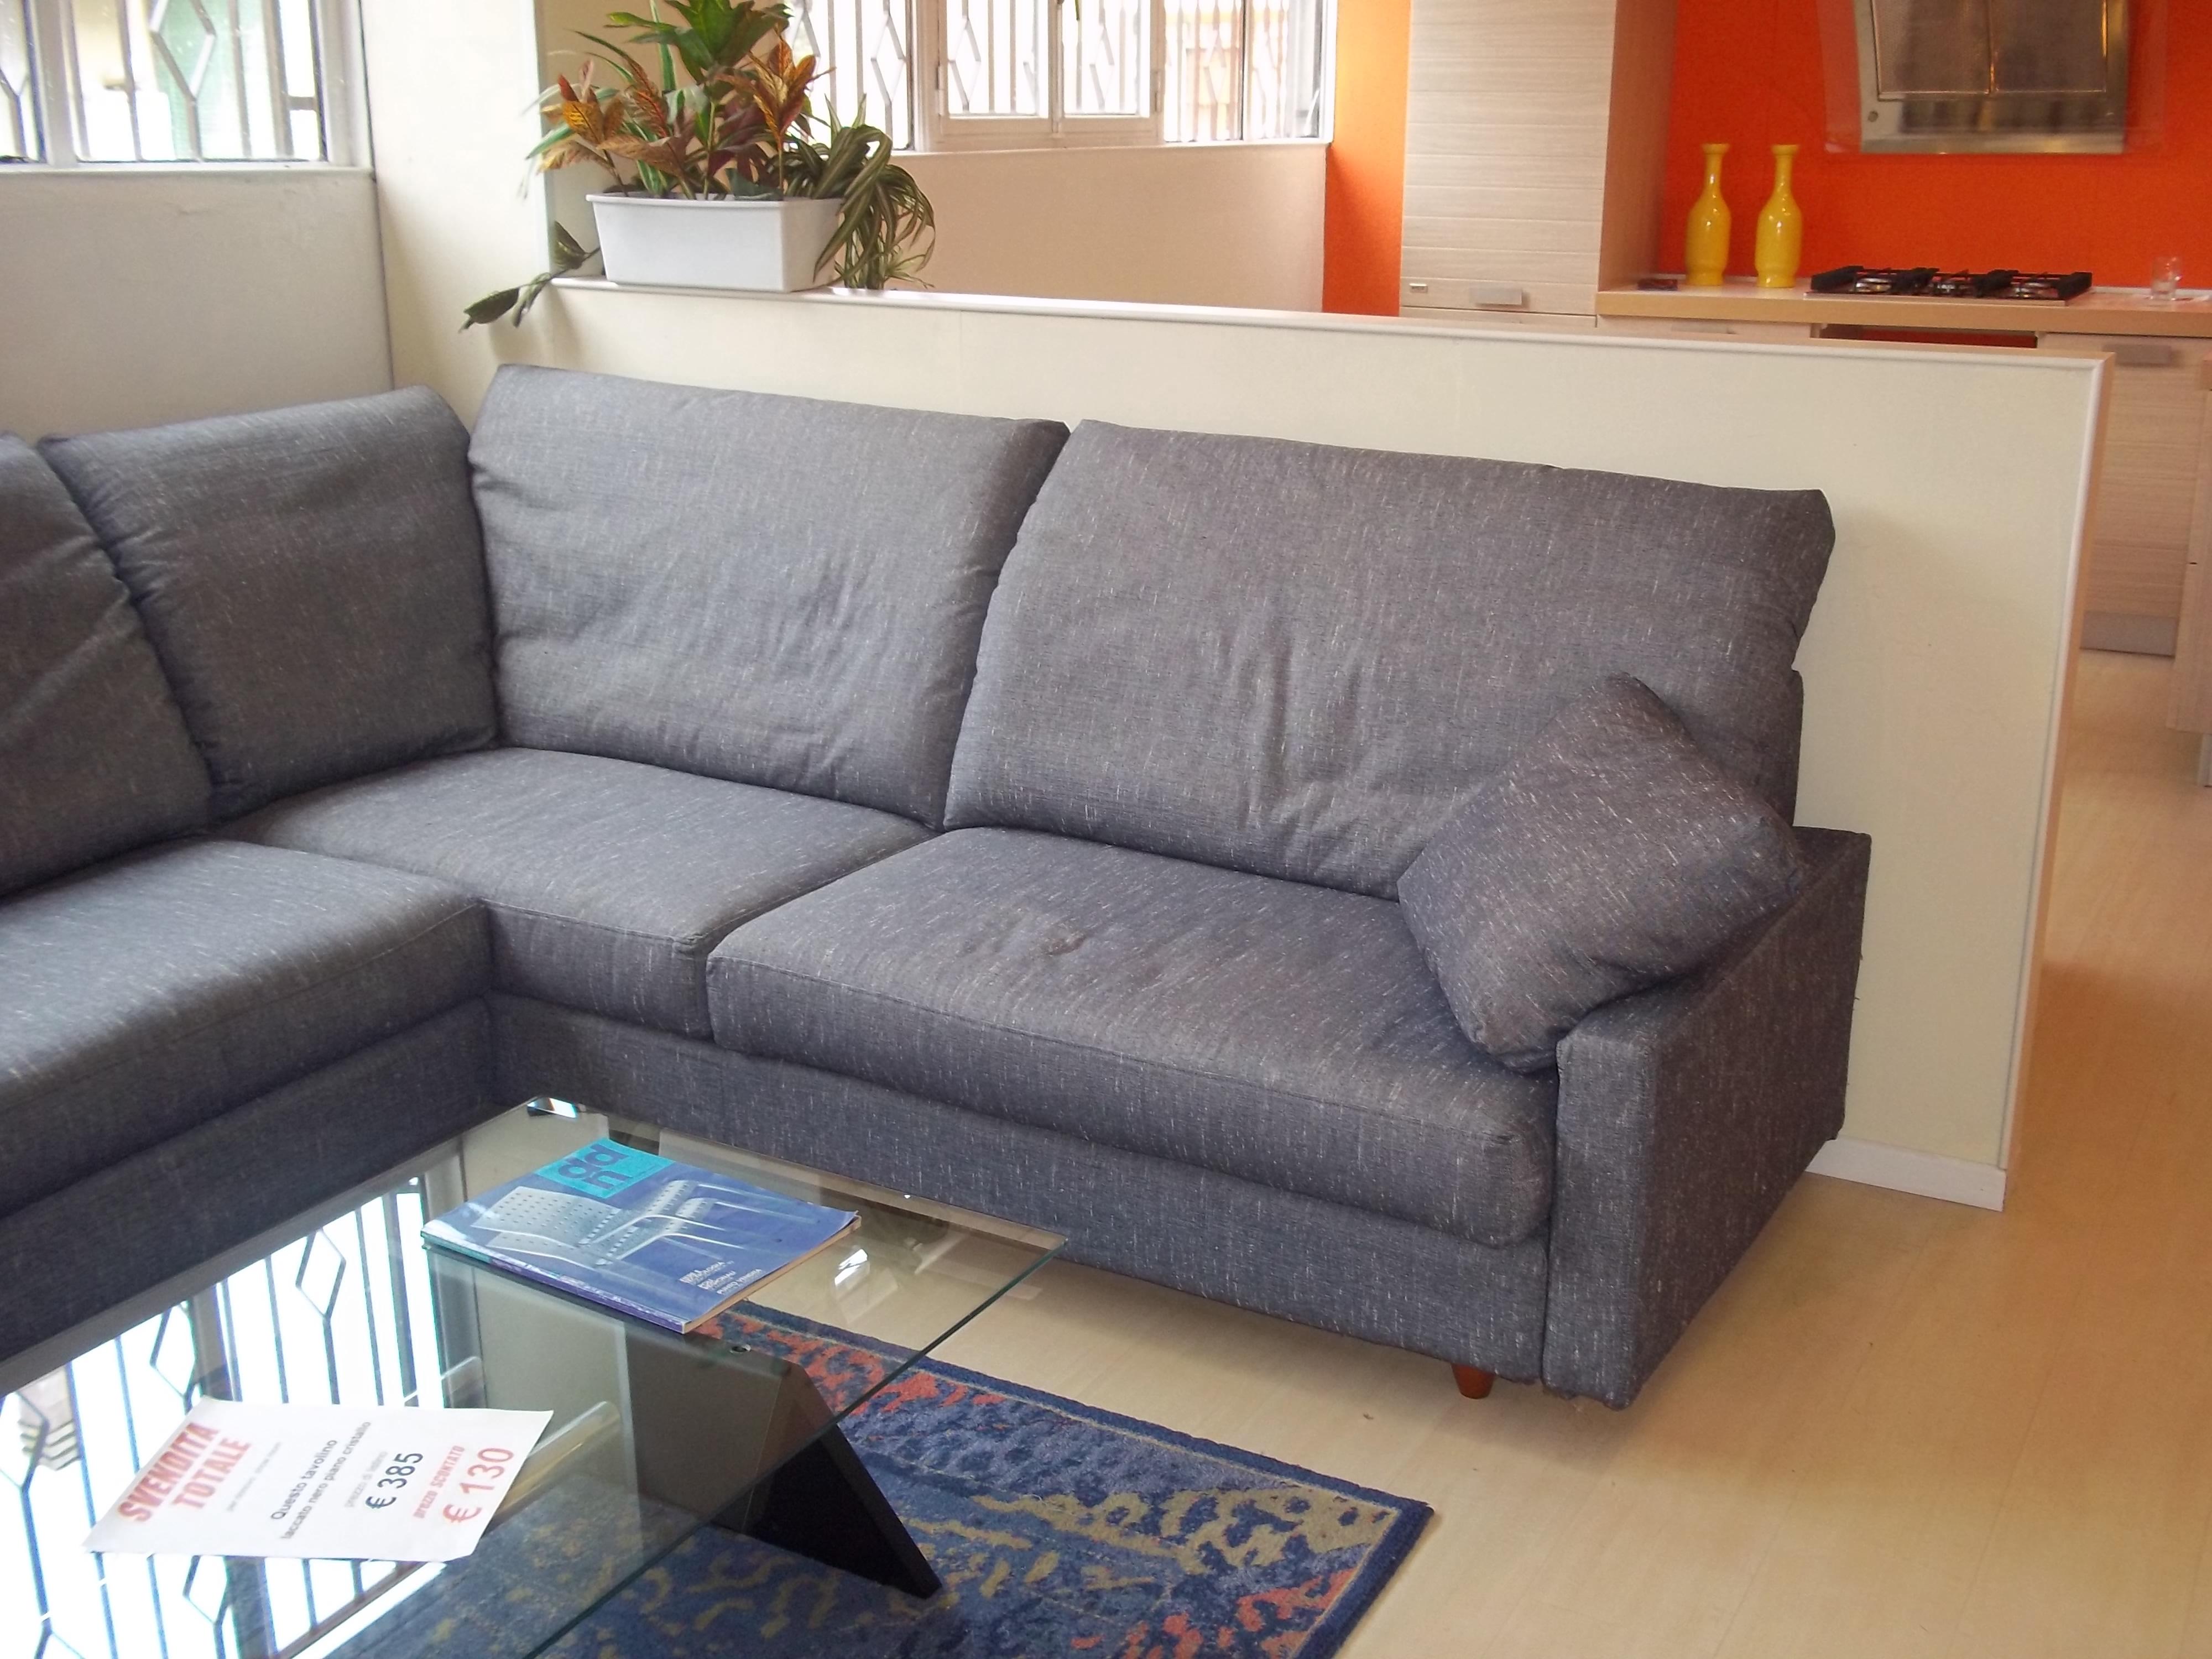 Divano angolo divani a prezzi scontati - Divano ad angolo ...